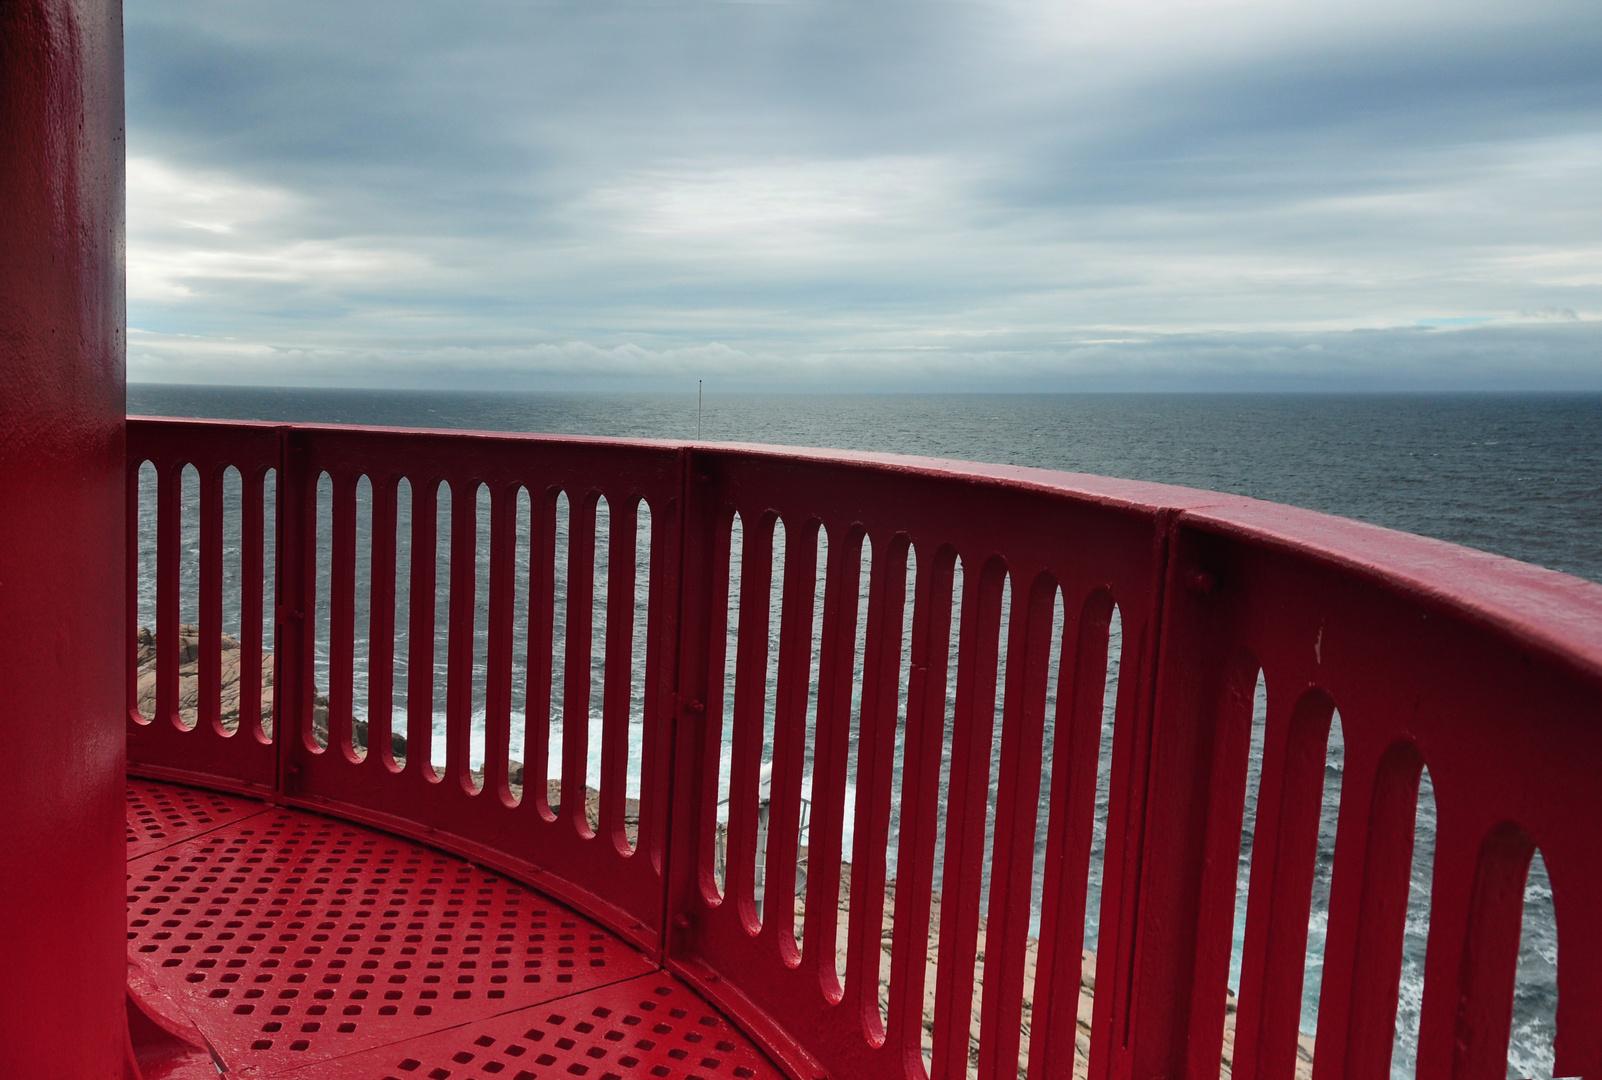 Harmonie pur - Leuchtturm und Meer!